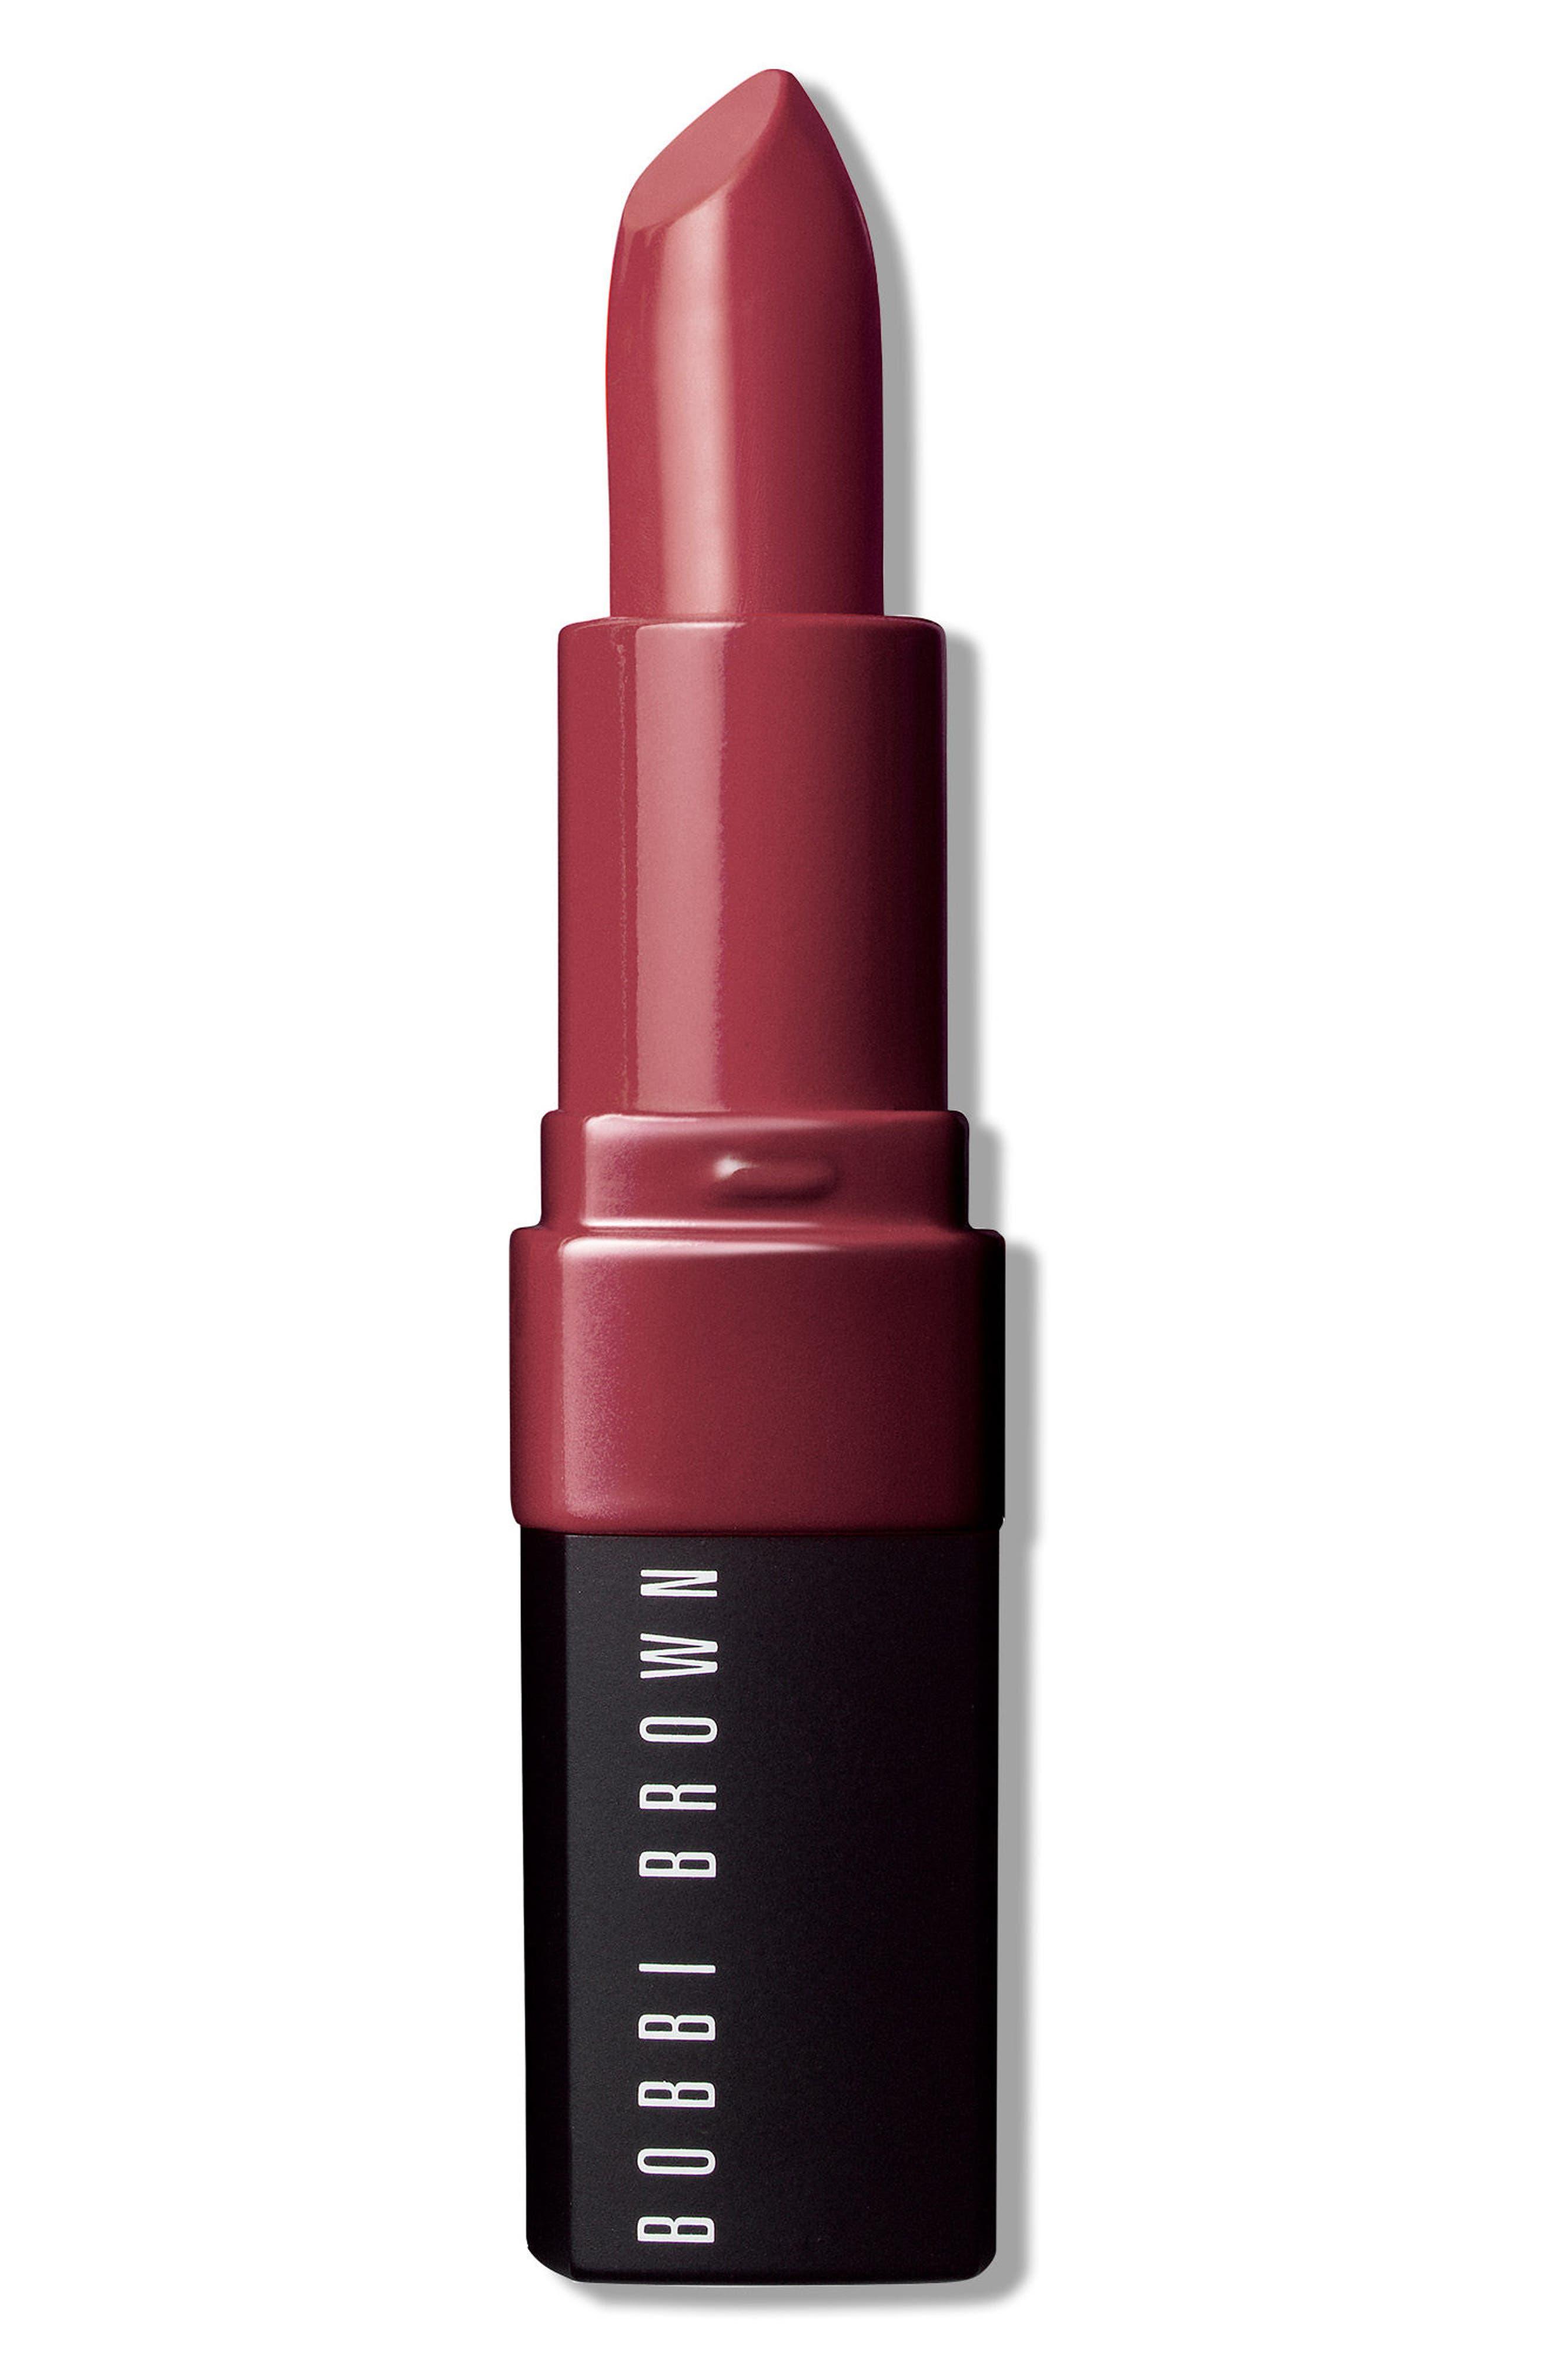 Bobbi Brown Crushed Lip Color